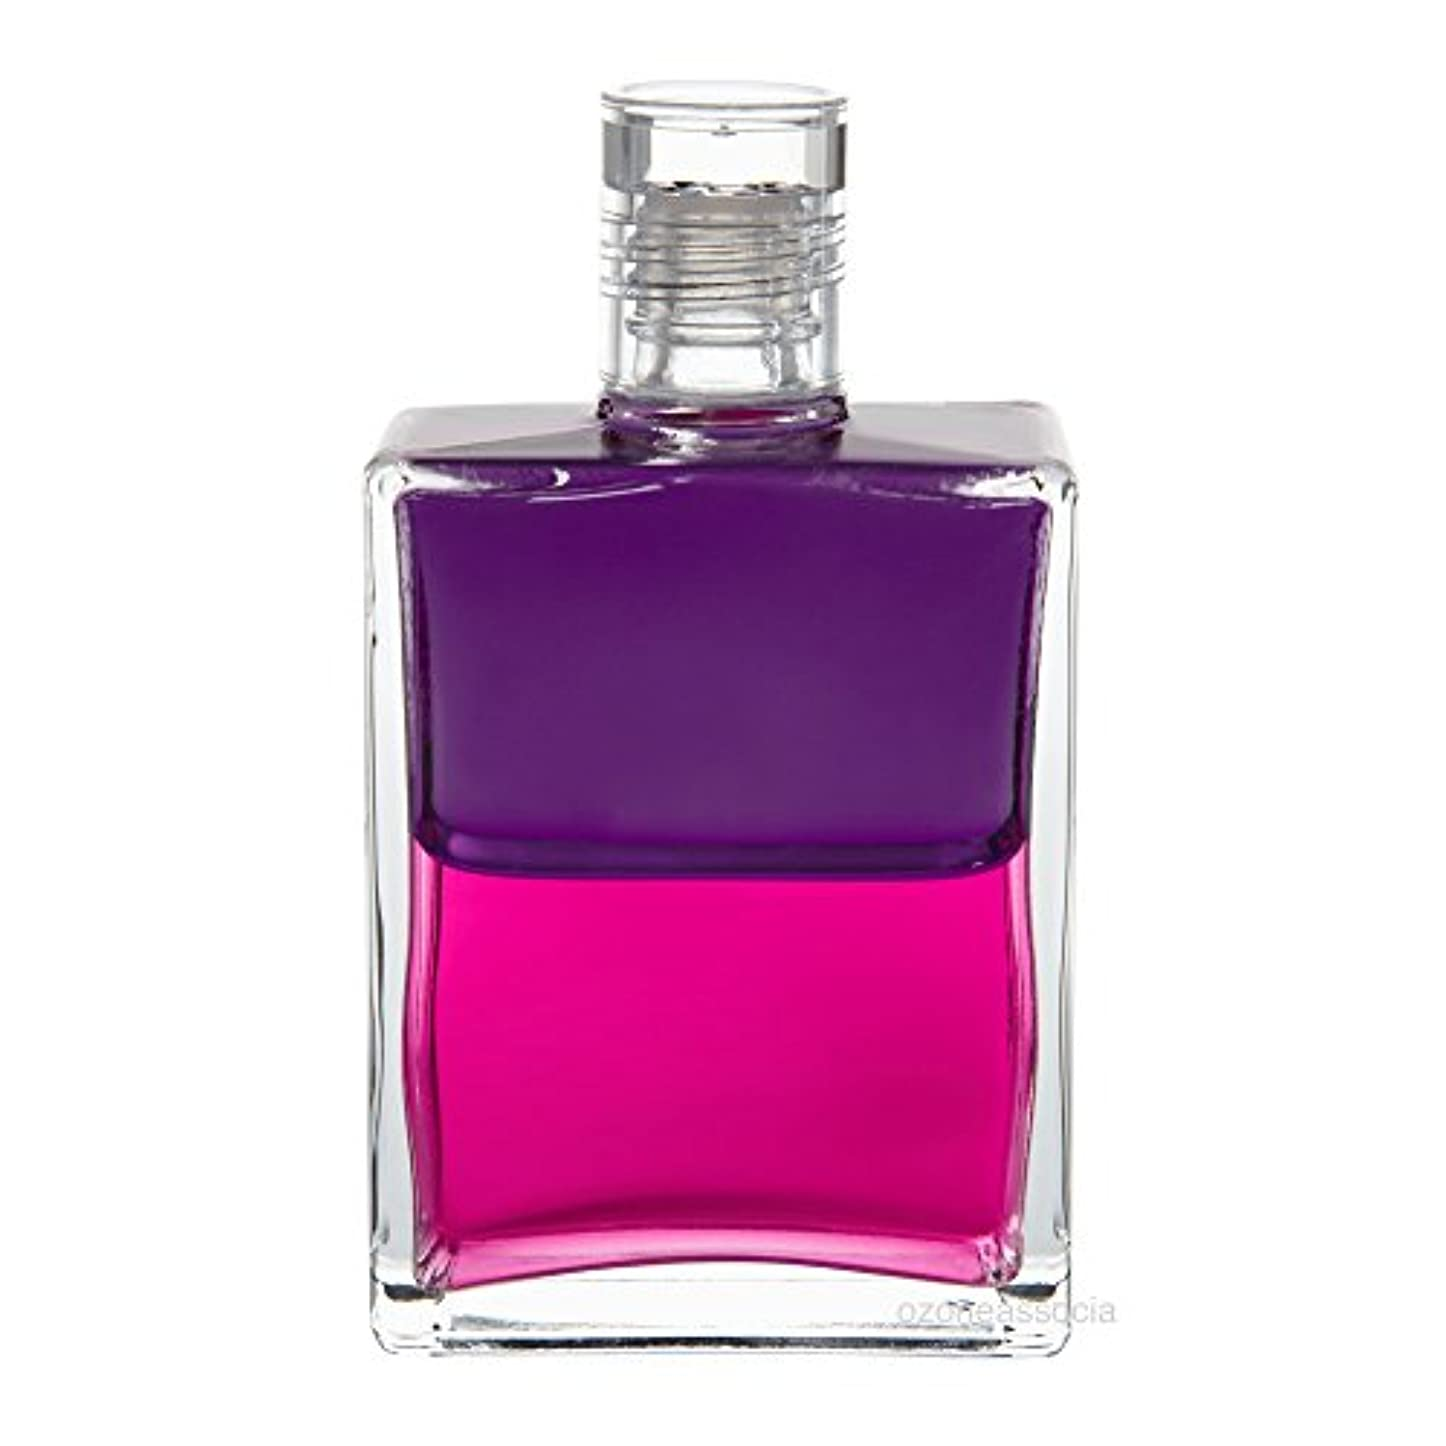 憂鬱な落ち着くクラウンオーラソーマ ボトル 25番  回復期/ナイチンゲールのボトル (パープル/マゼンタ) イクイリブリアムボトル50ml Aurasoma